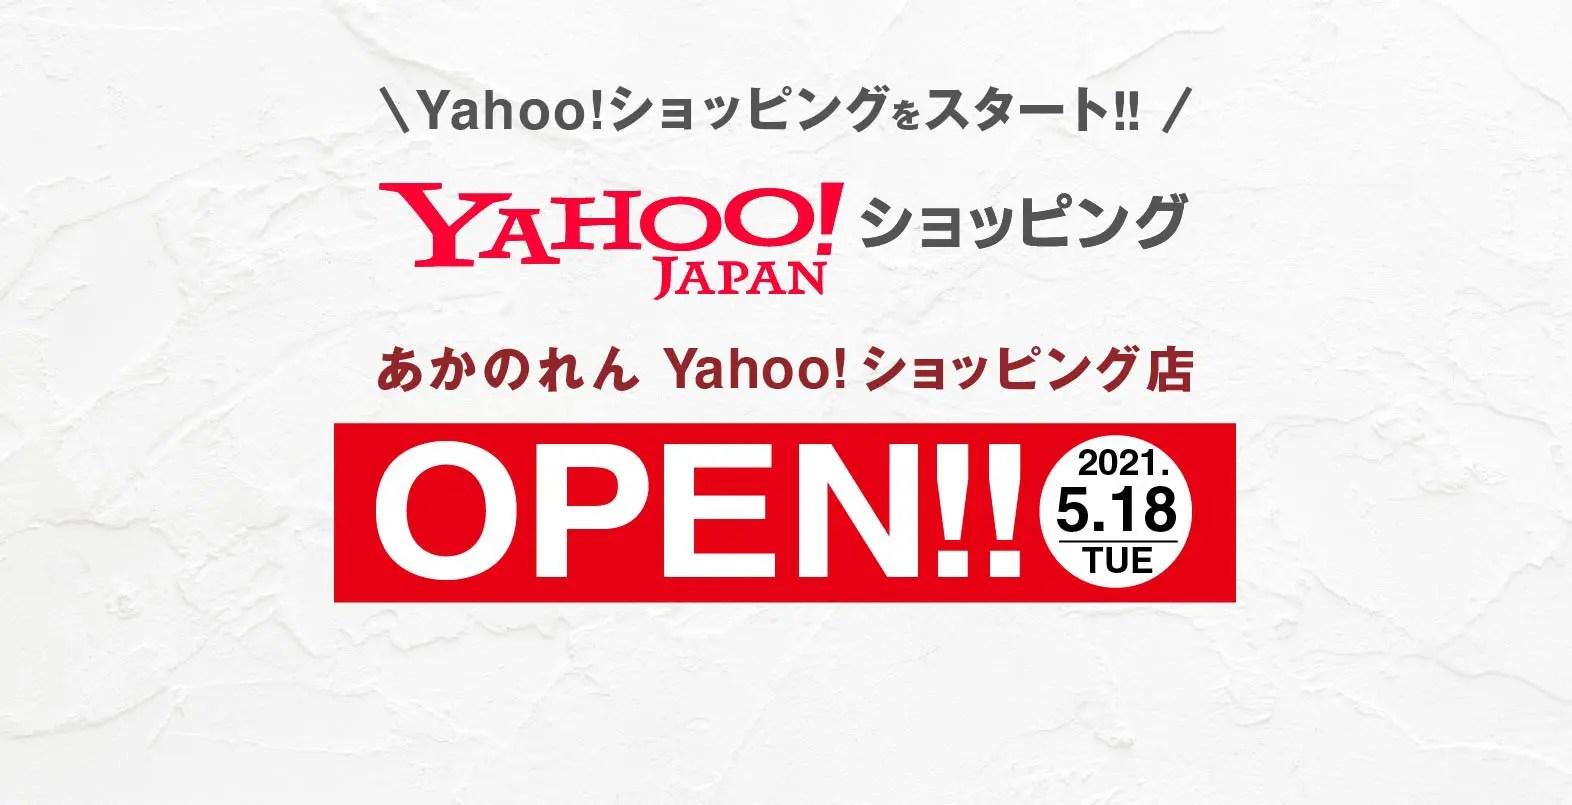 楽天市場に続き、新たな通販サイトを開設。「あかのれん Yahoo!ショッピング店」オープン!